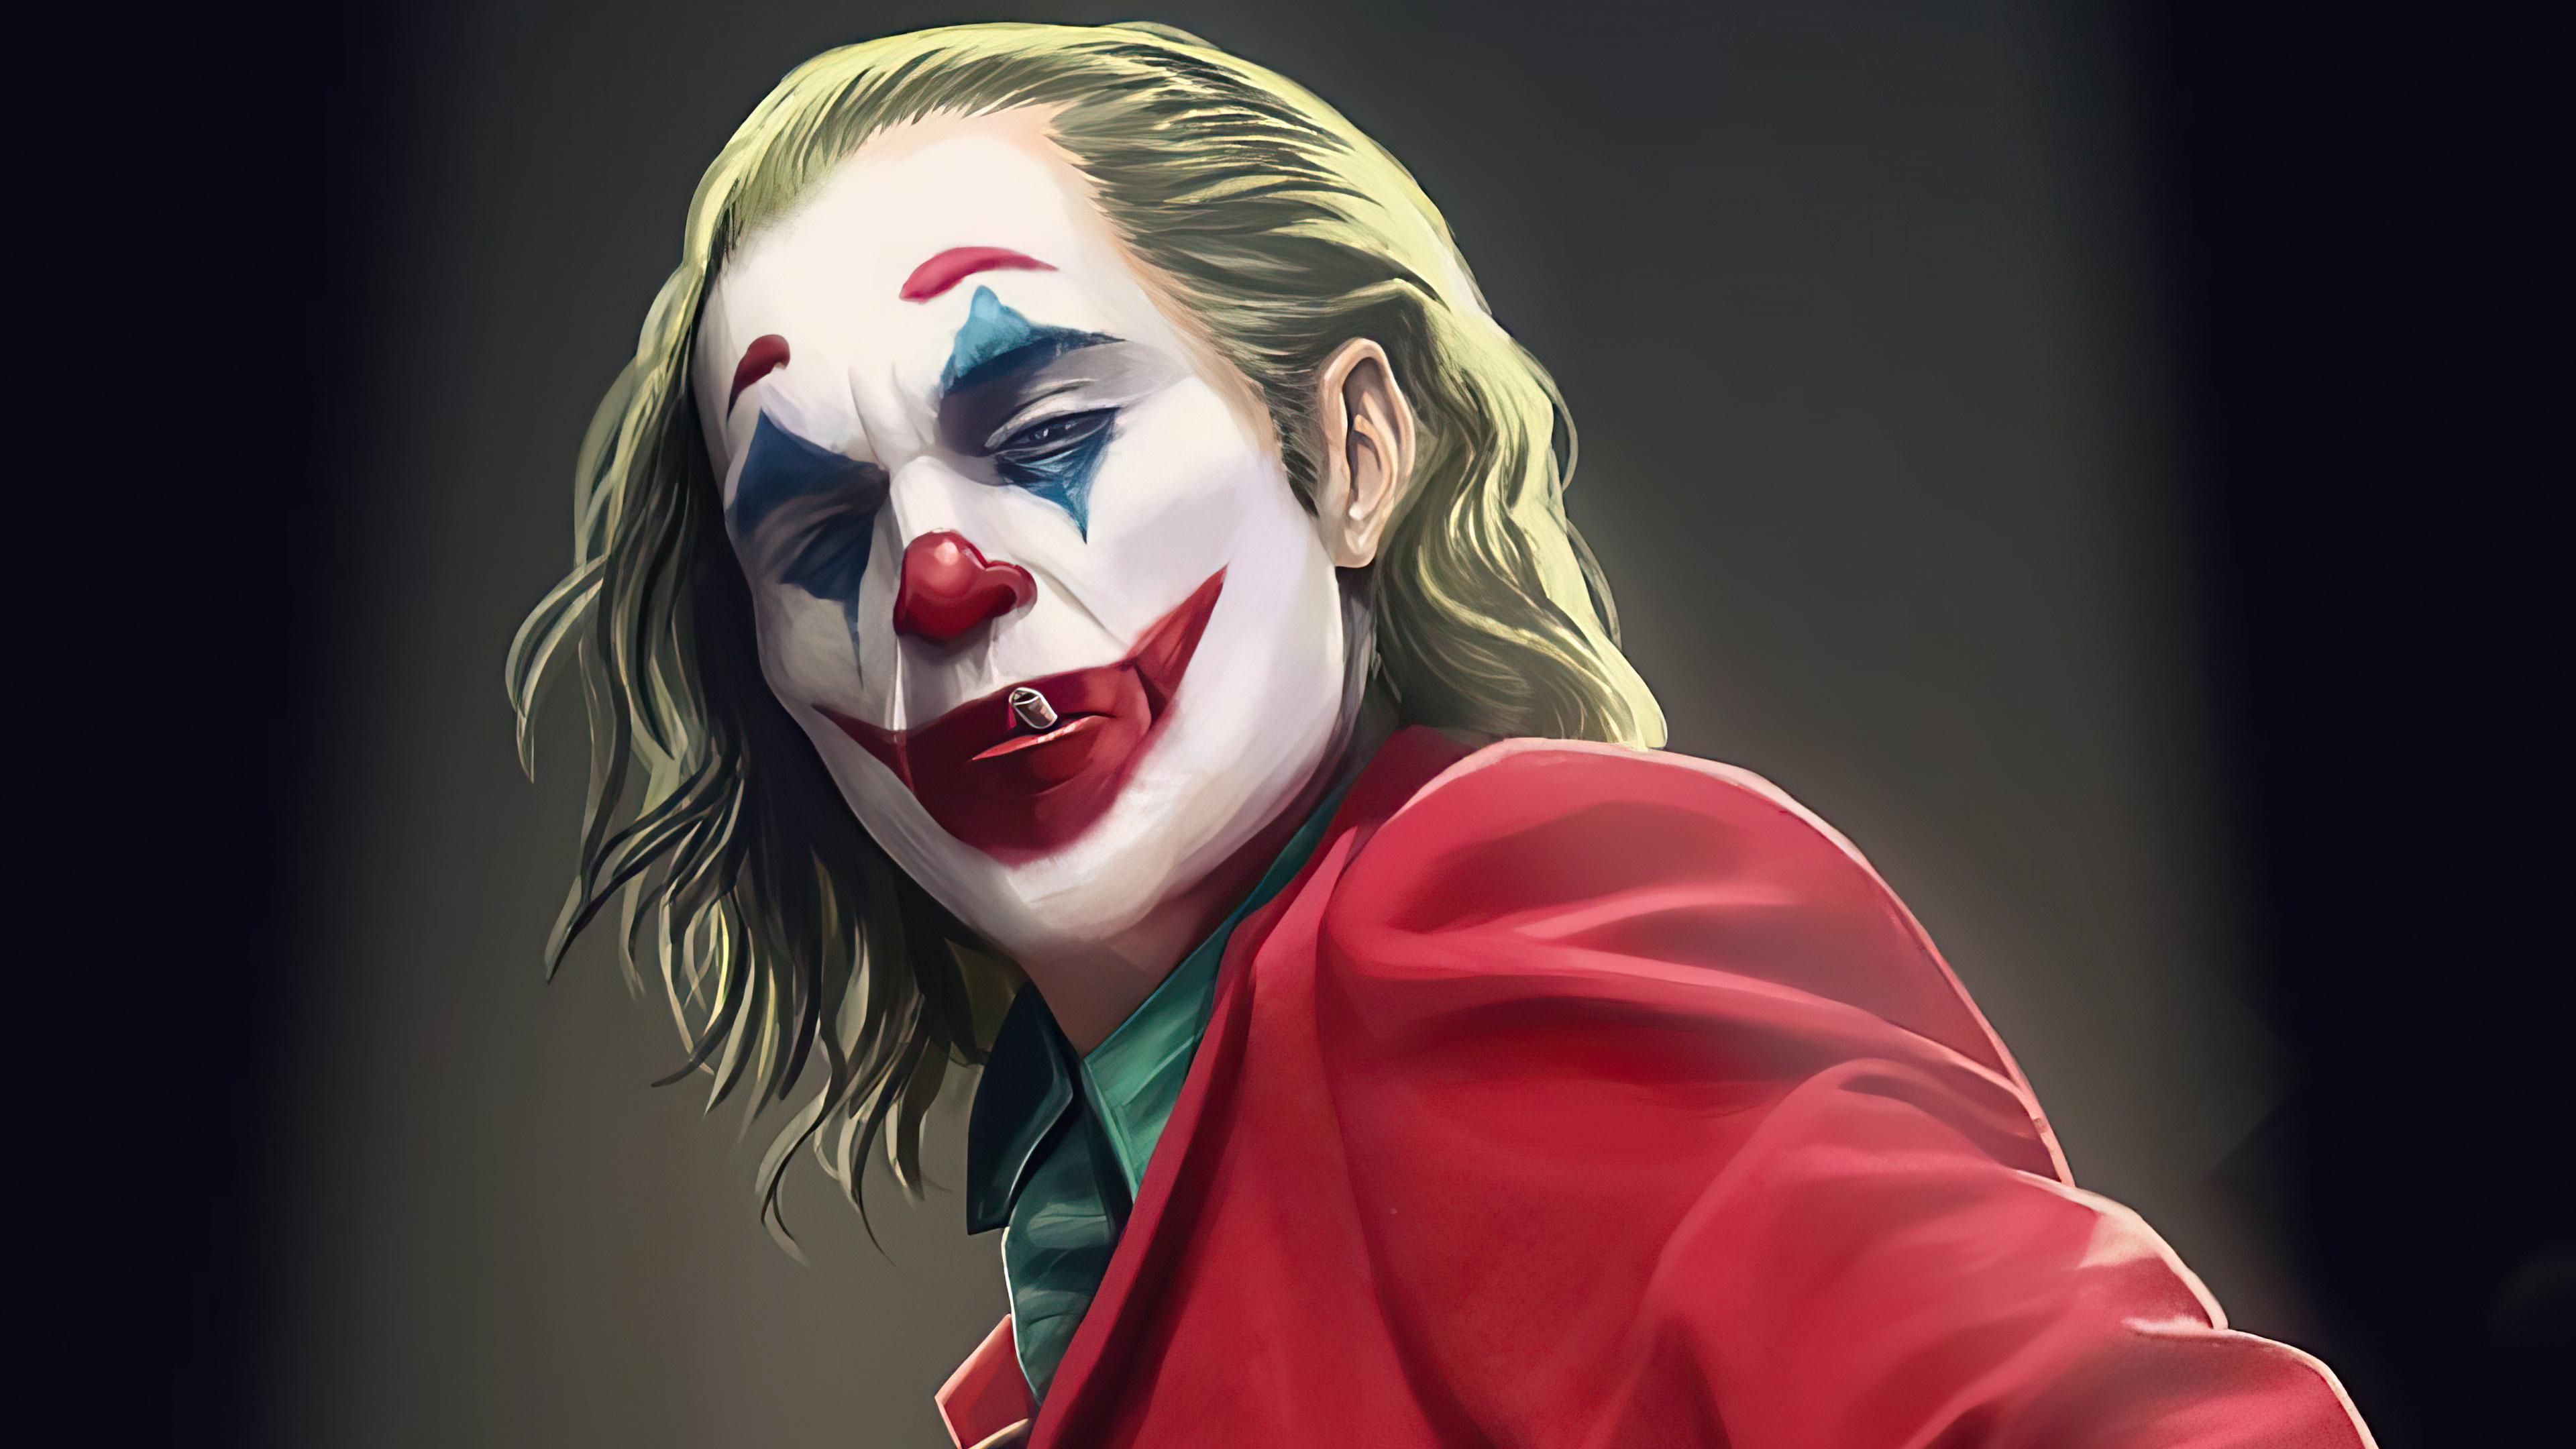 Dc Comics Joker 3840x2160